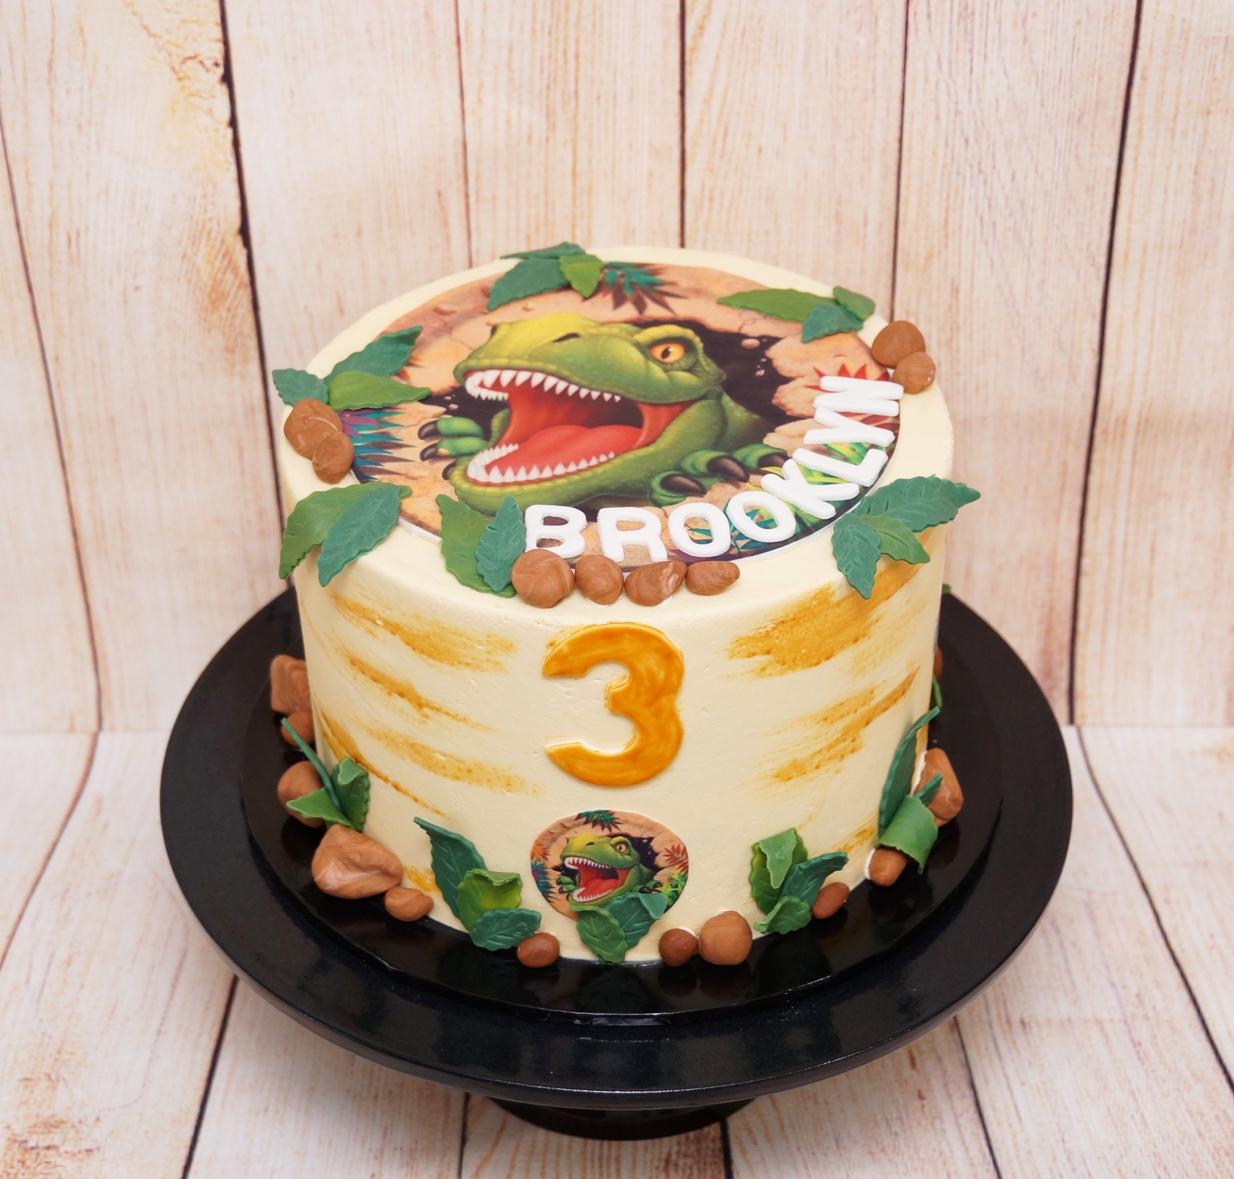 T Rex Cake 11.08.19 2